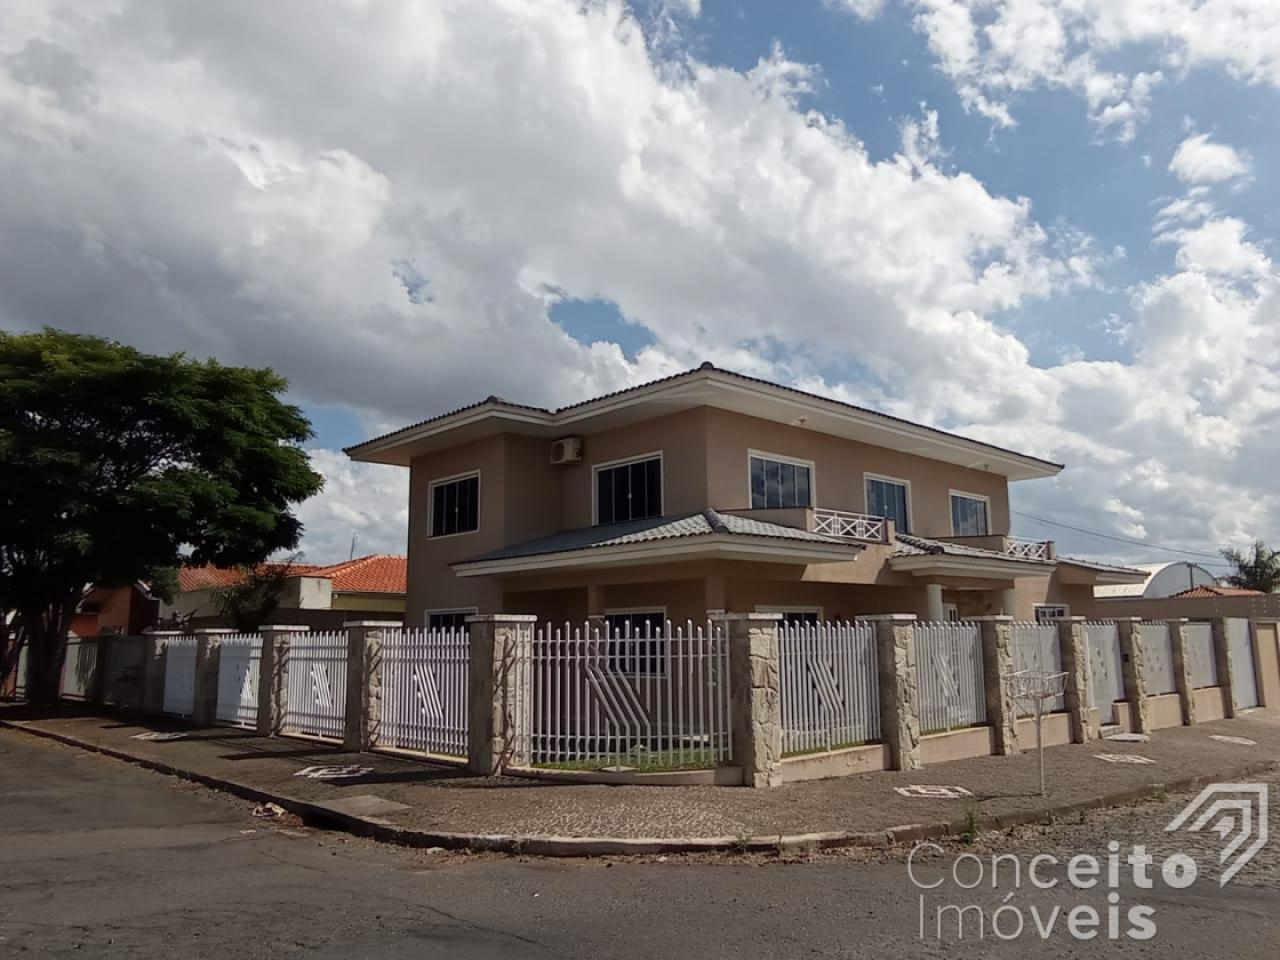 <strong>Excelente oportunidade - Sobrado bairro Neves</strong>